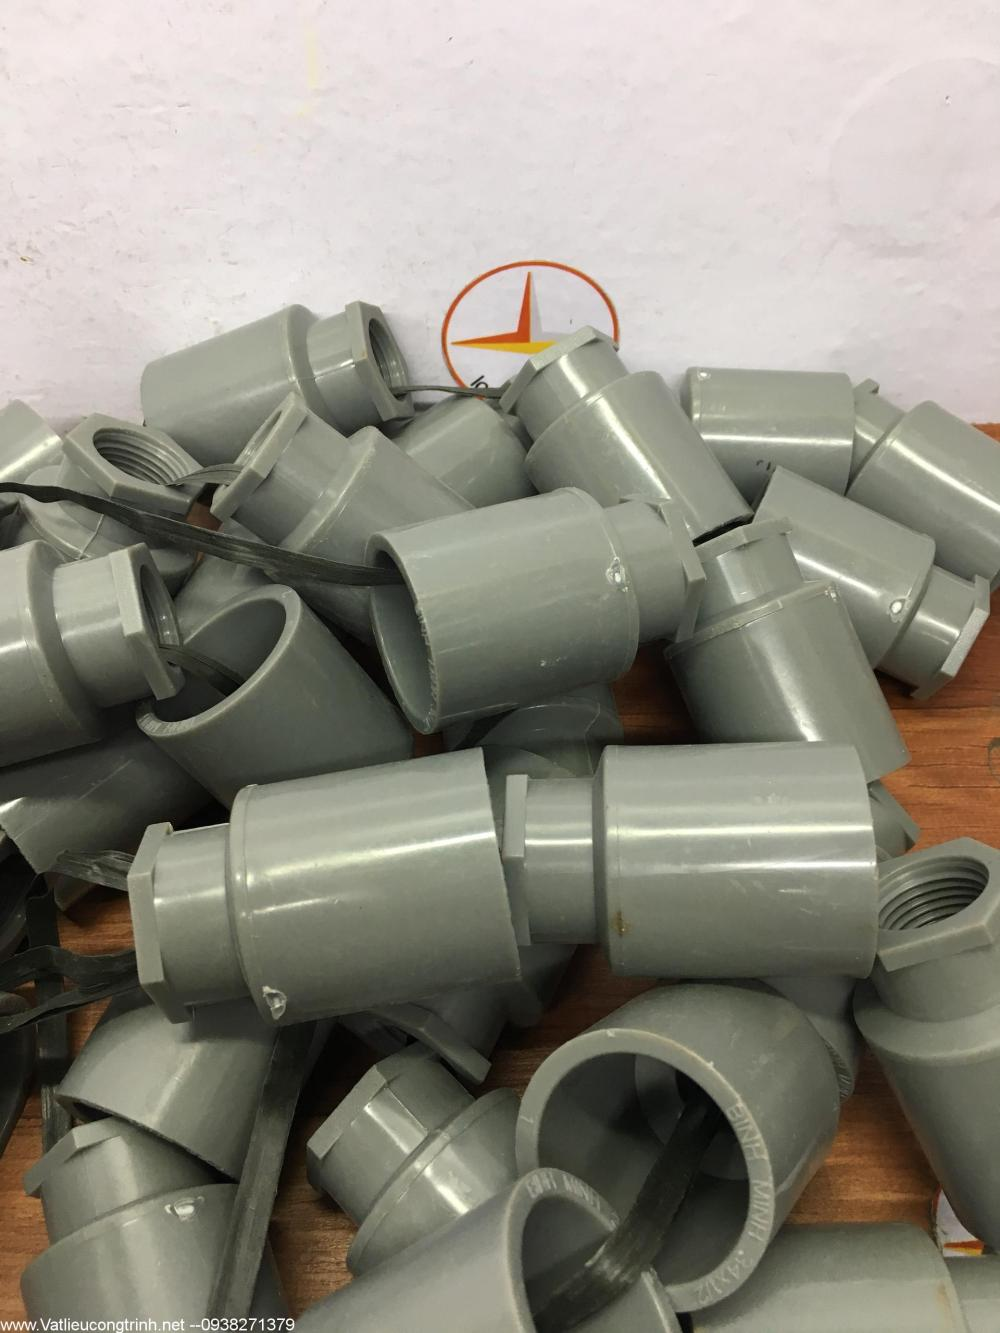 NOI REN TRONG 21 O 34 NHUA PVC BINH MINH (3)